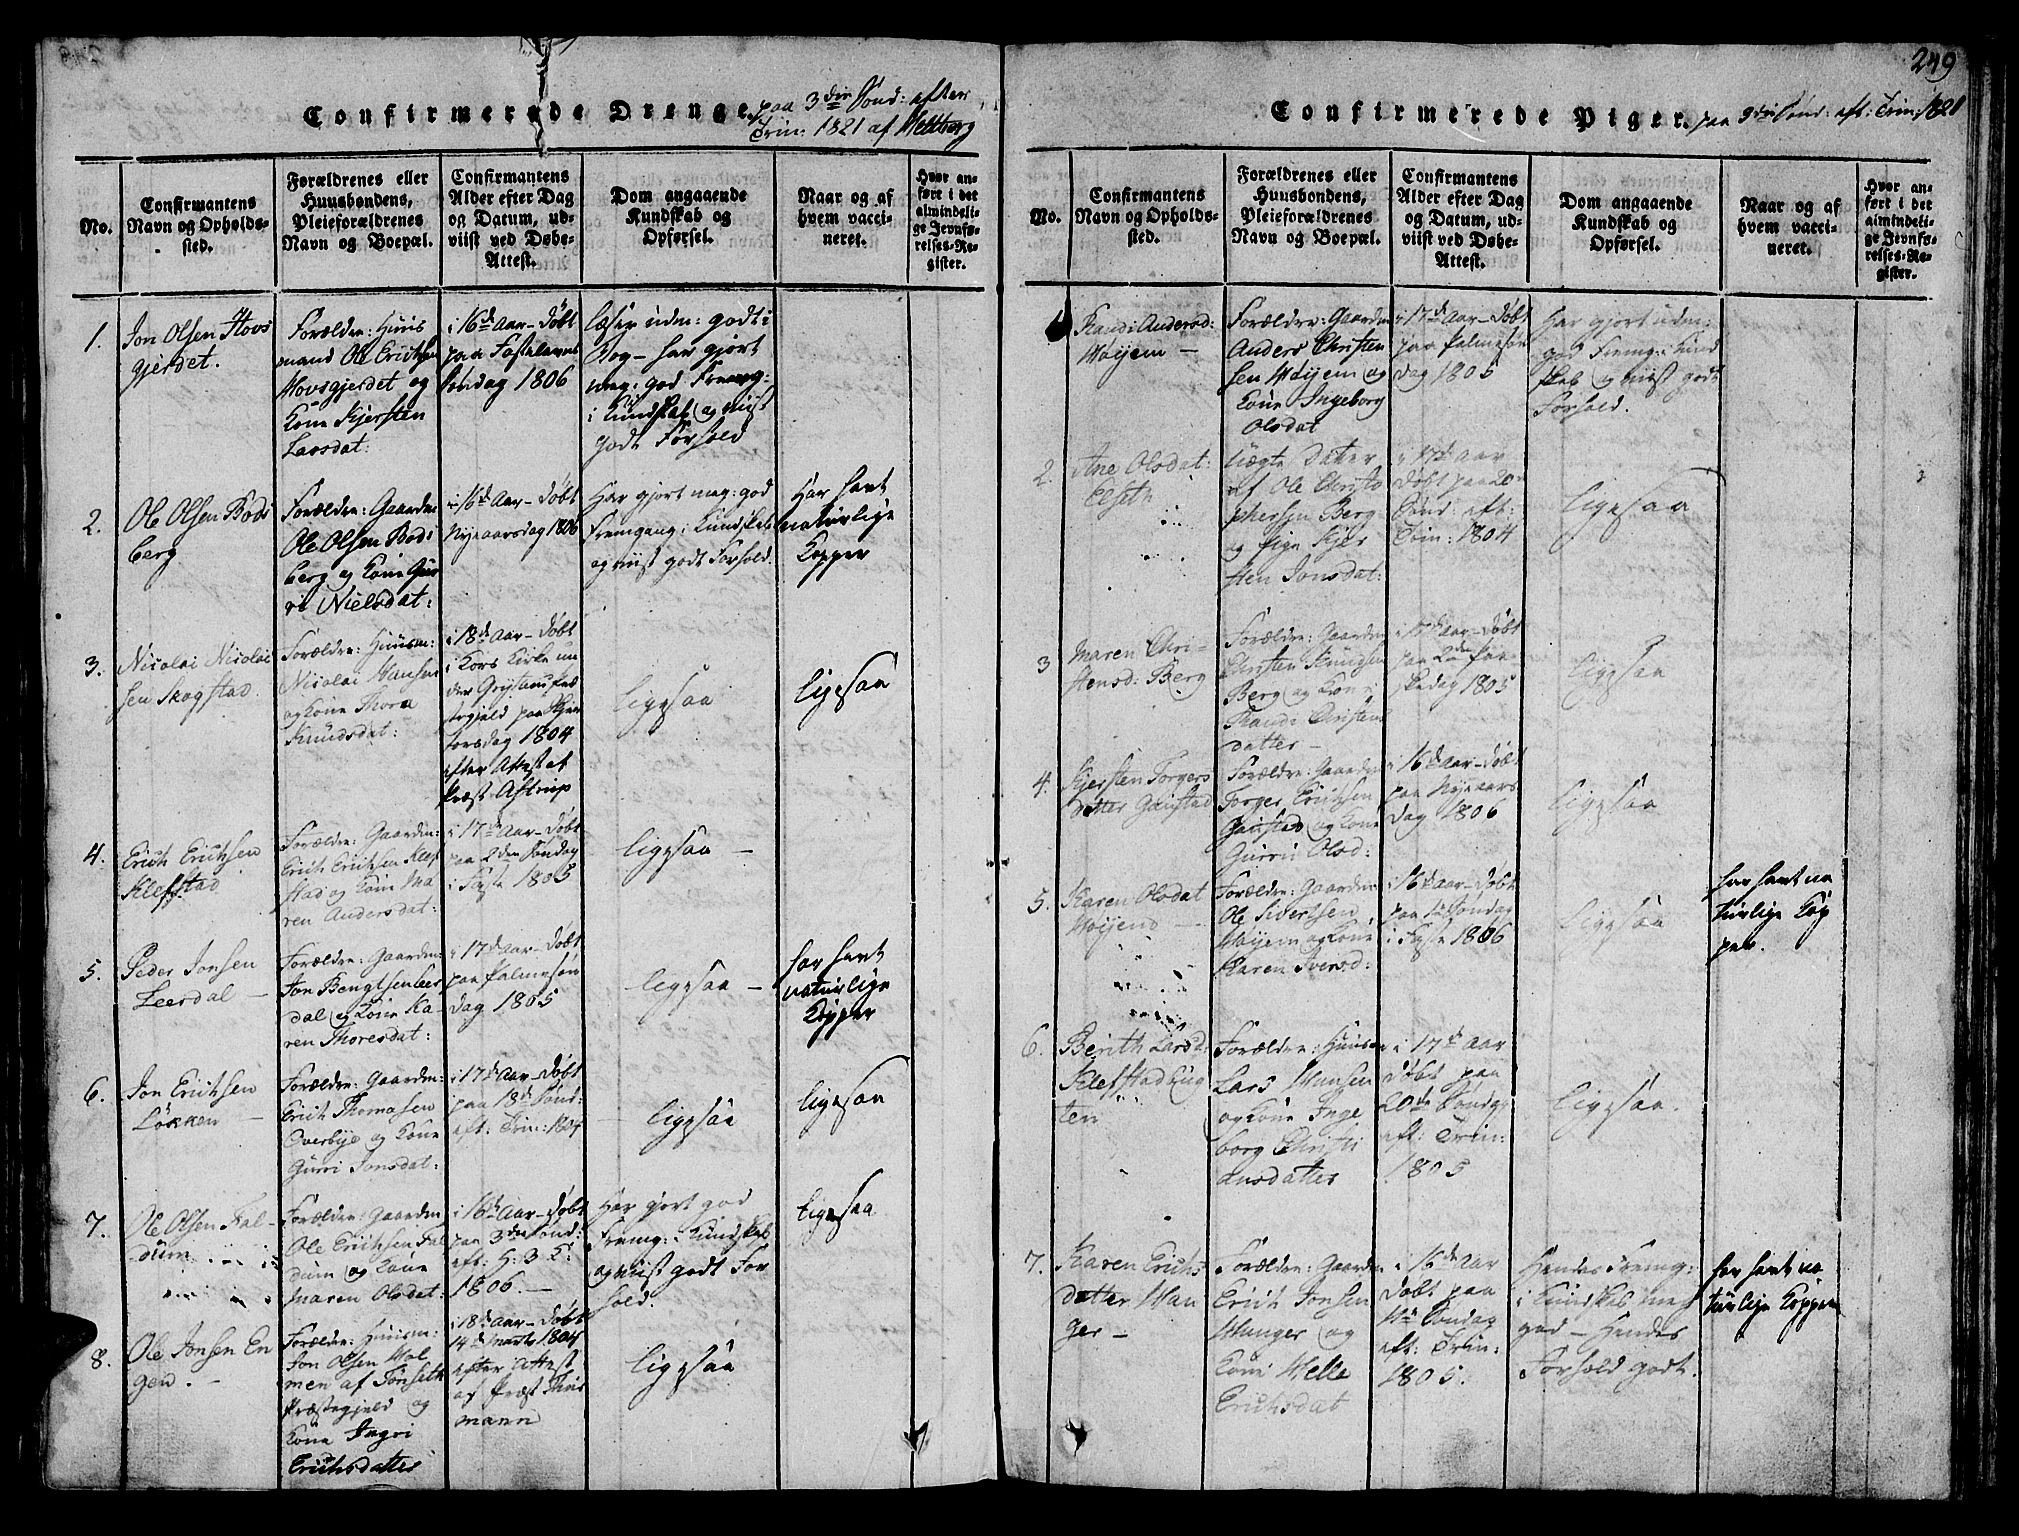 SAT, Ministerialprotokoller, klokkerbøker og fødselsregistre - Sør-Trøndelag, 612/L0372: Ministerialbok nr. 612A06 /1, 1816-1828, s. 249